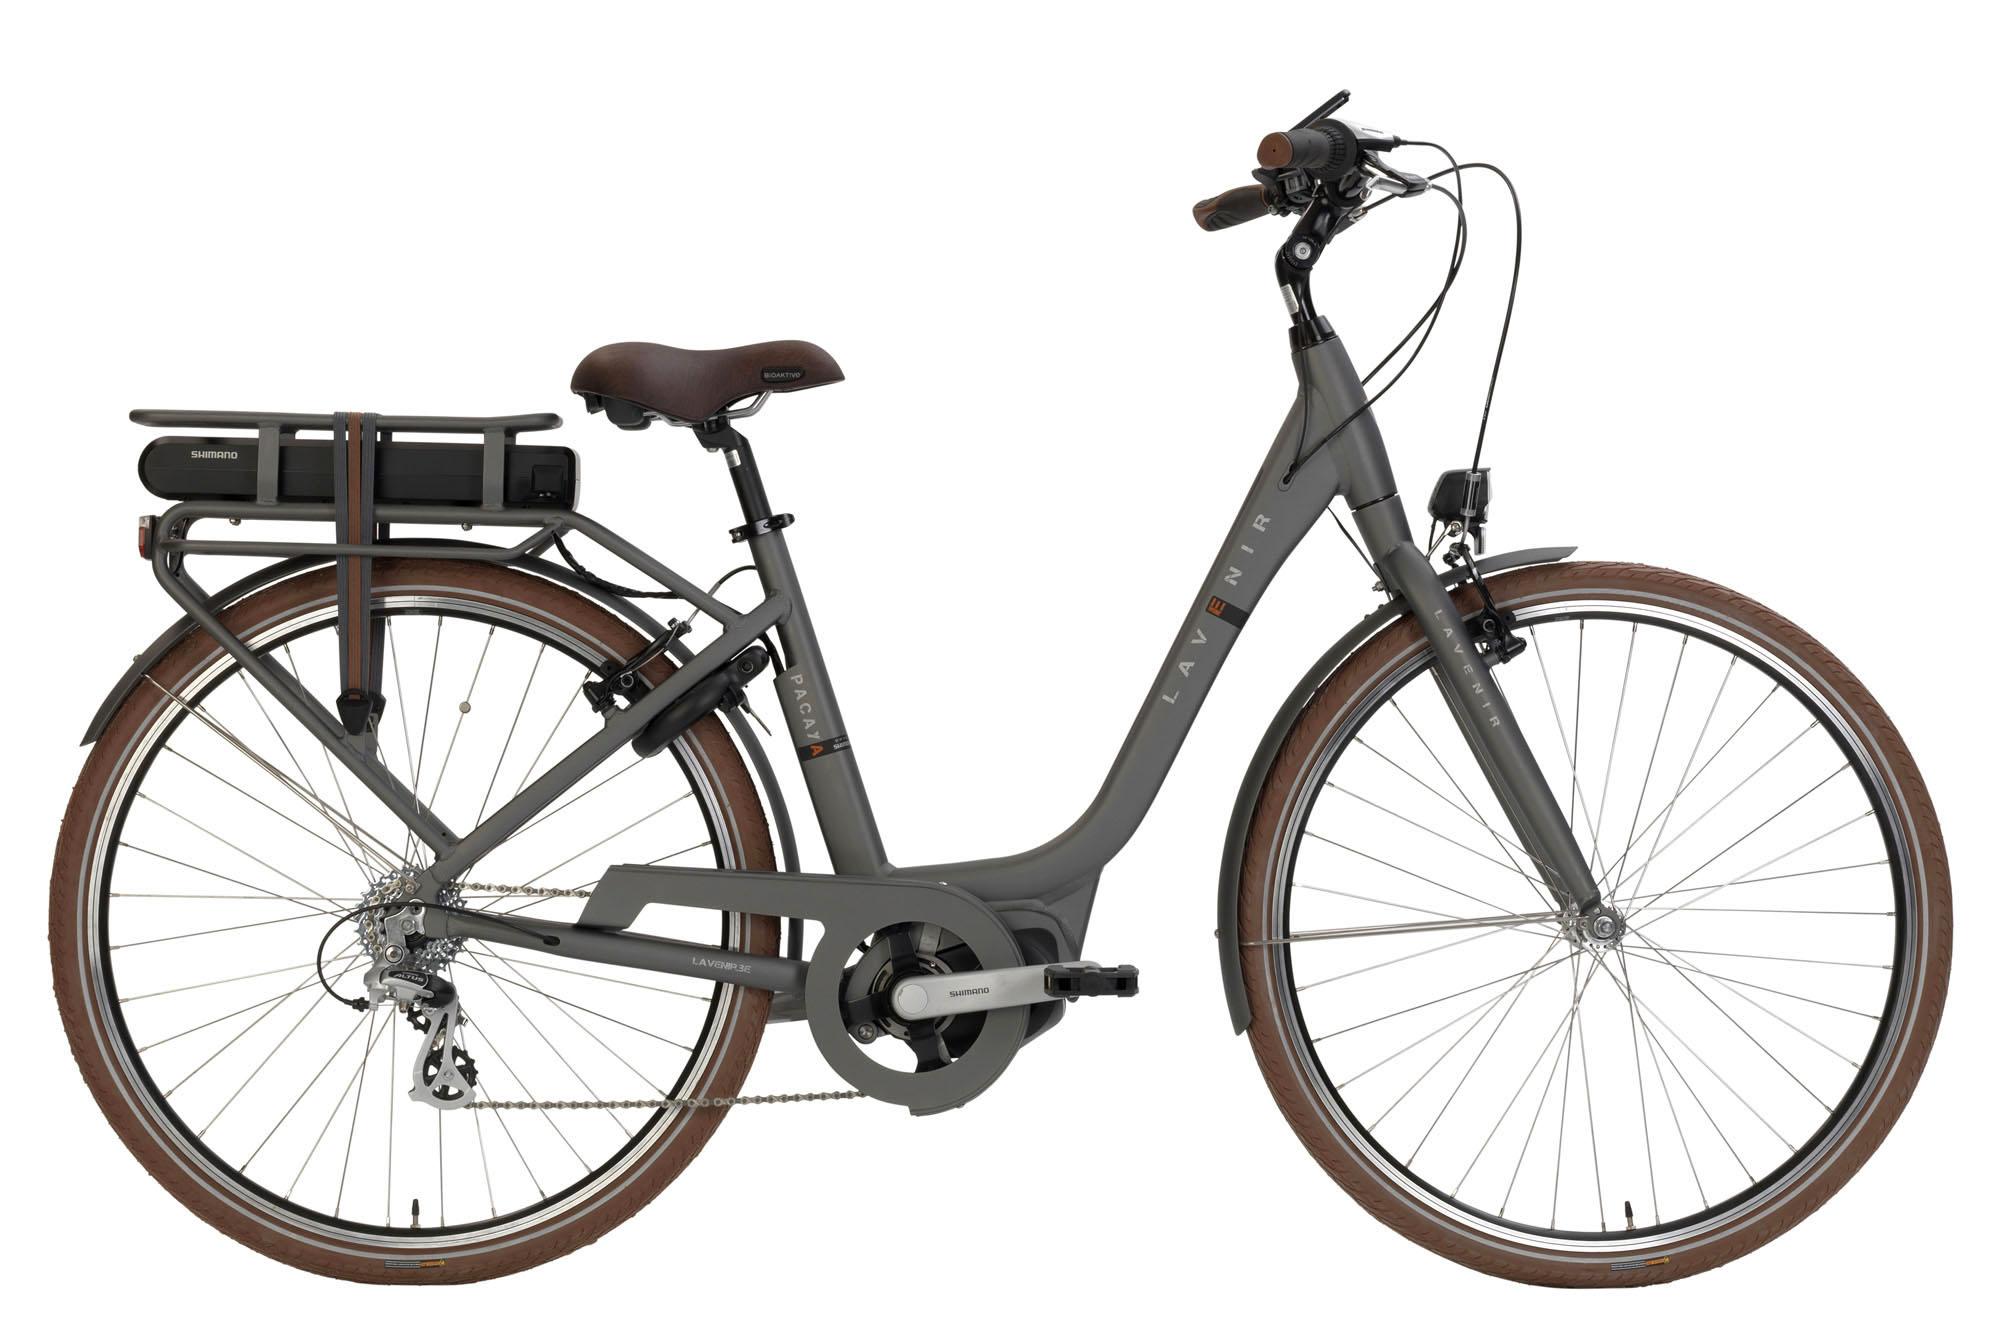 Deze stijlvolle e-bike is uitgerust met het ShimanoSteps E5000-systeem en beschikt over 7 derailleur versnellingen en V-brakes. Zo ben je verzekerd van een lichtlopende fiets aan een lichte prijs! Beter vind je het niet.